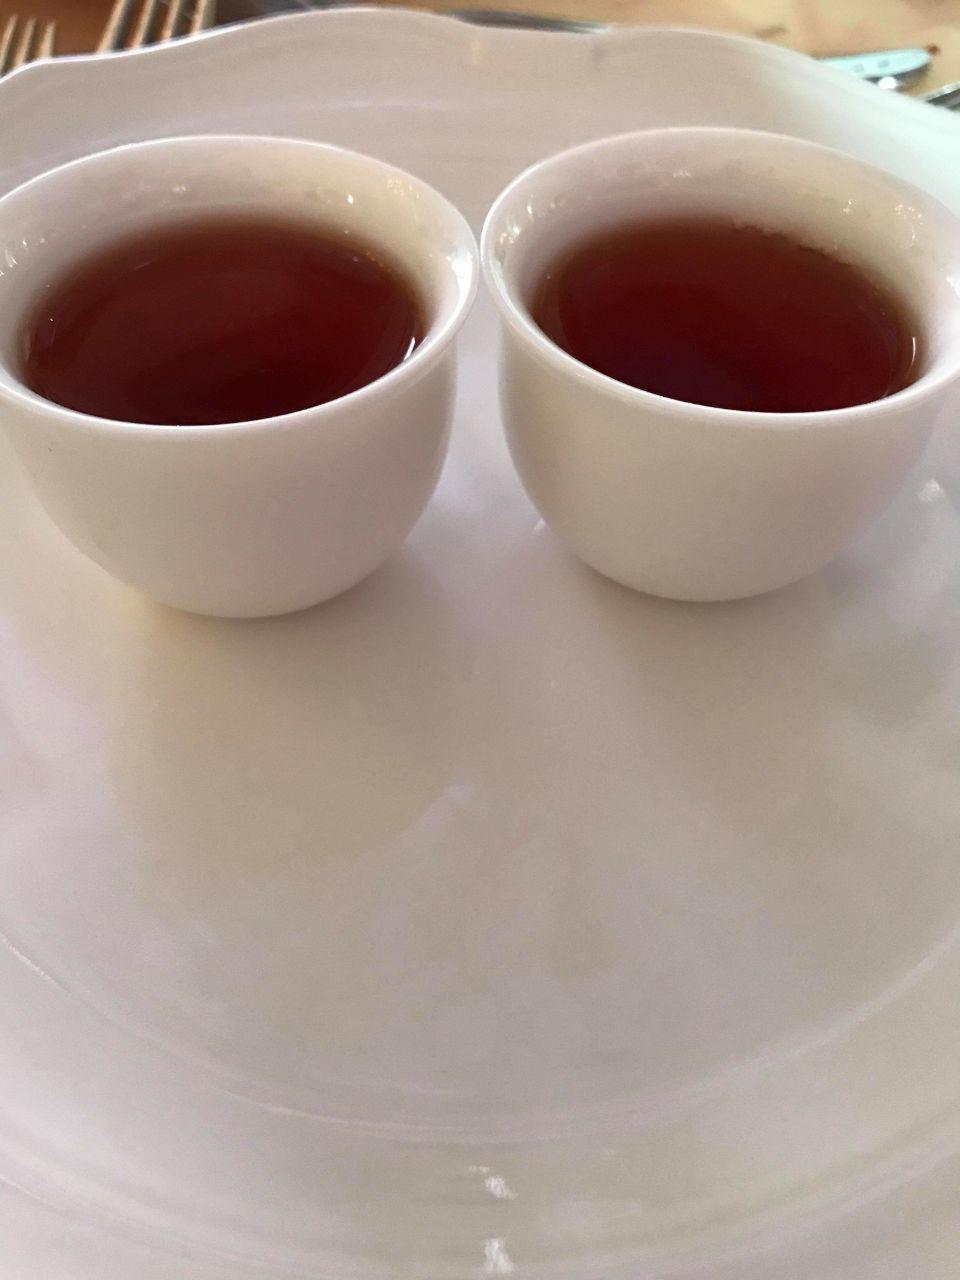 Шрі-Ланка витратить 50 млн грн на популяризацію Цейлонського чаю в Україні